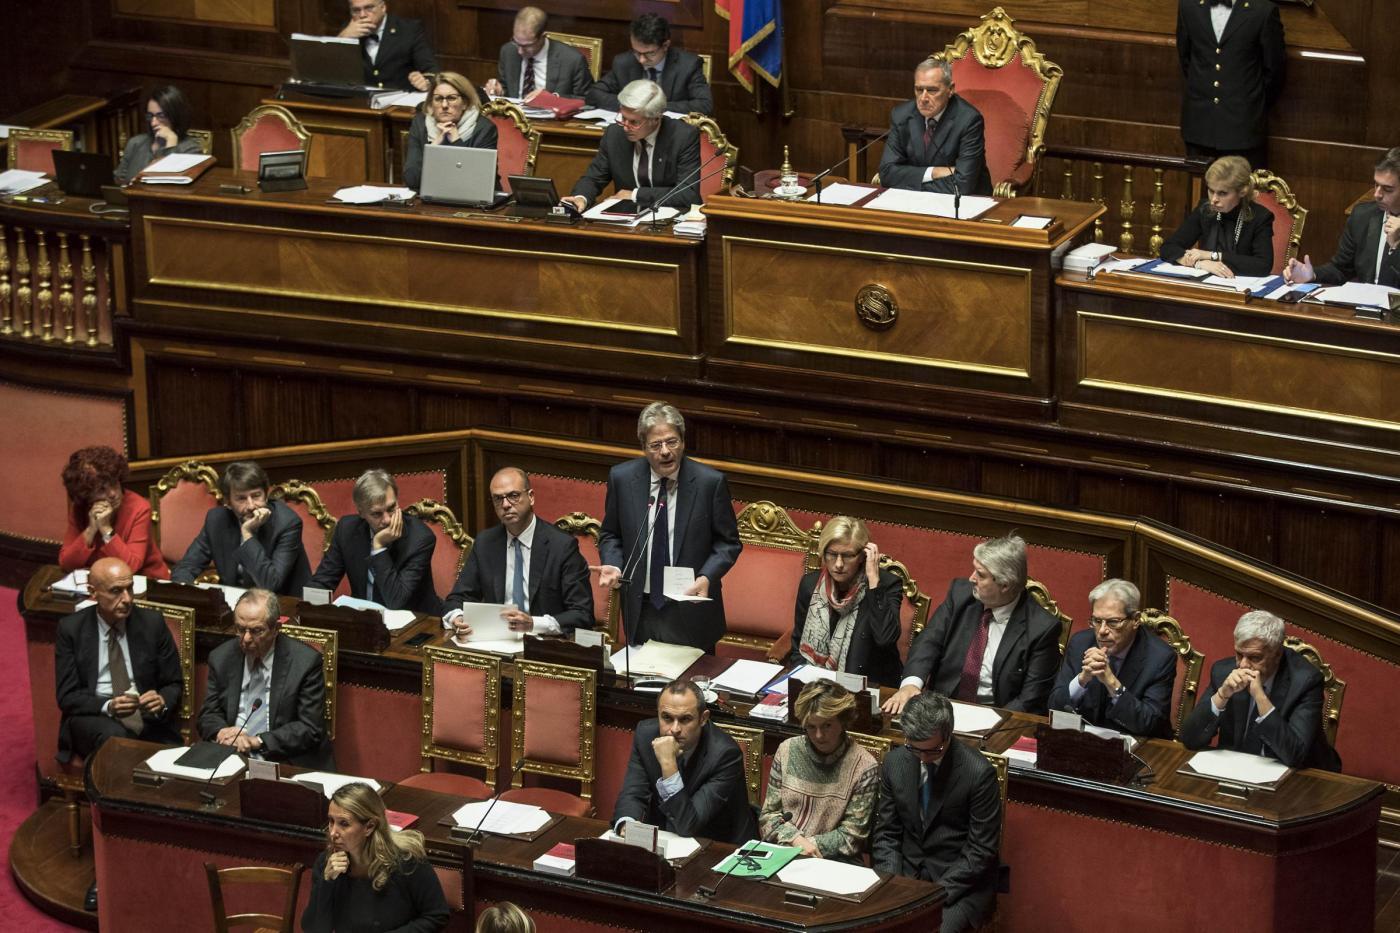 Senato Voto di fiducia al governo Gentiloni